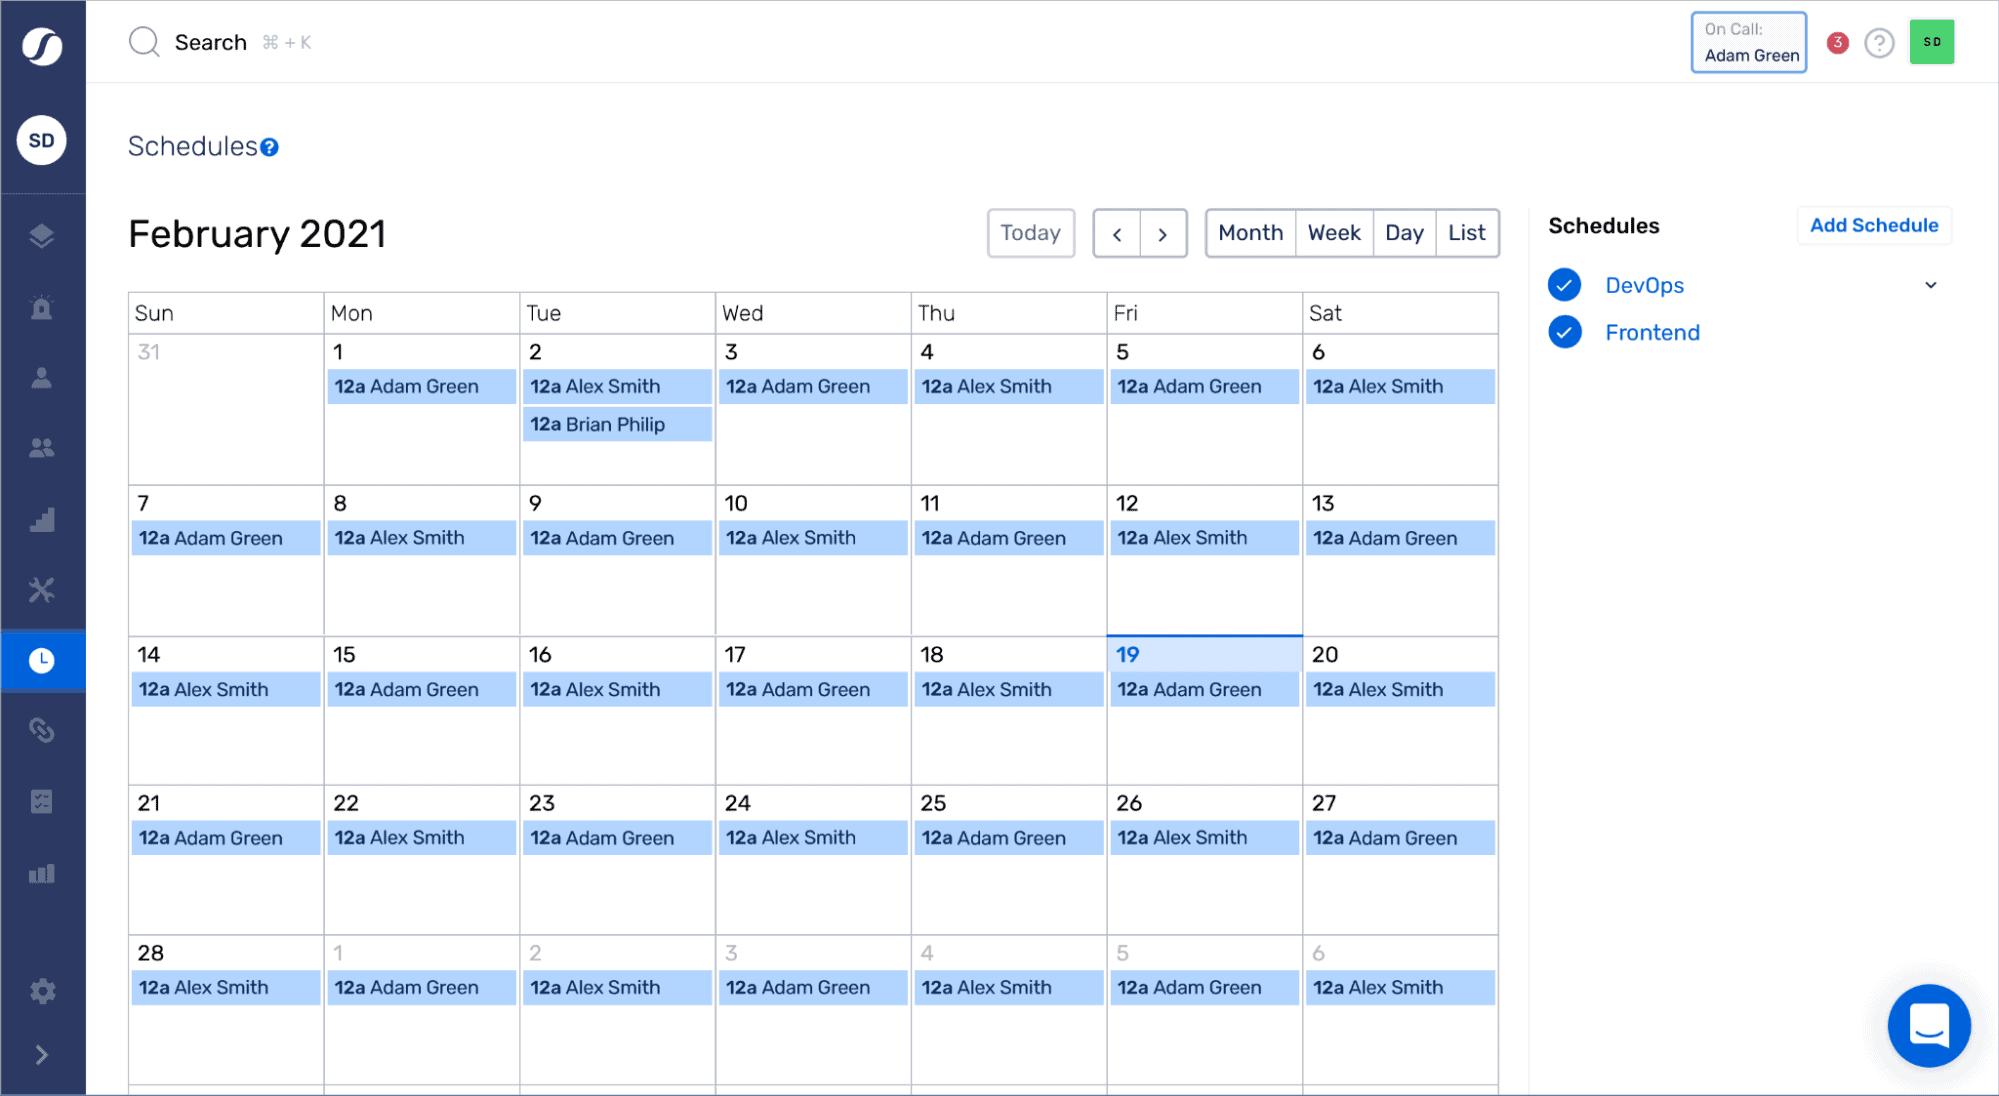 squadcast calendar